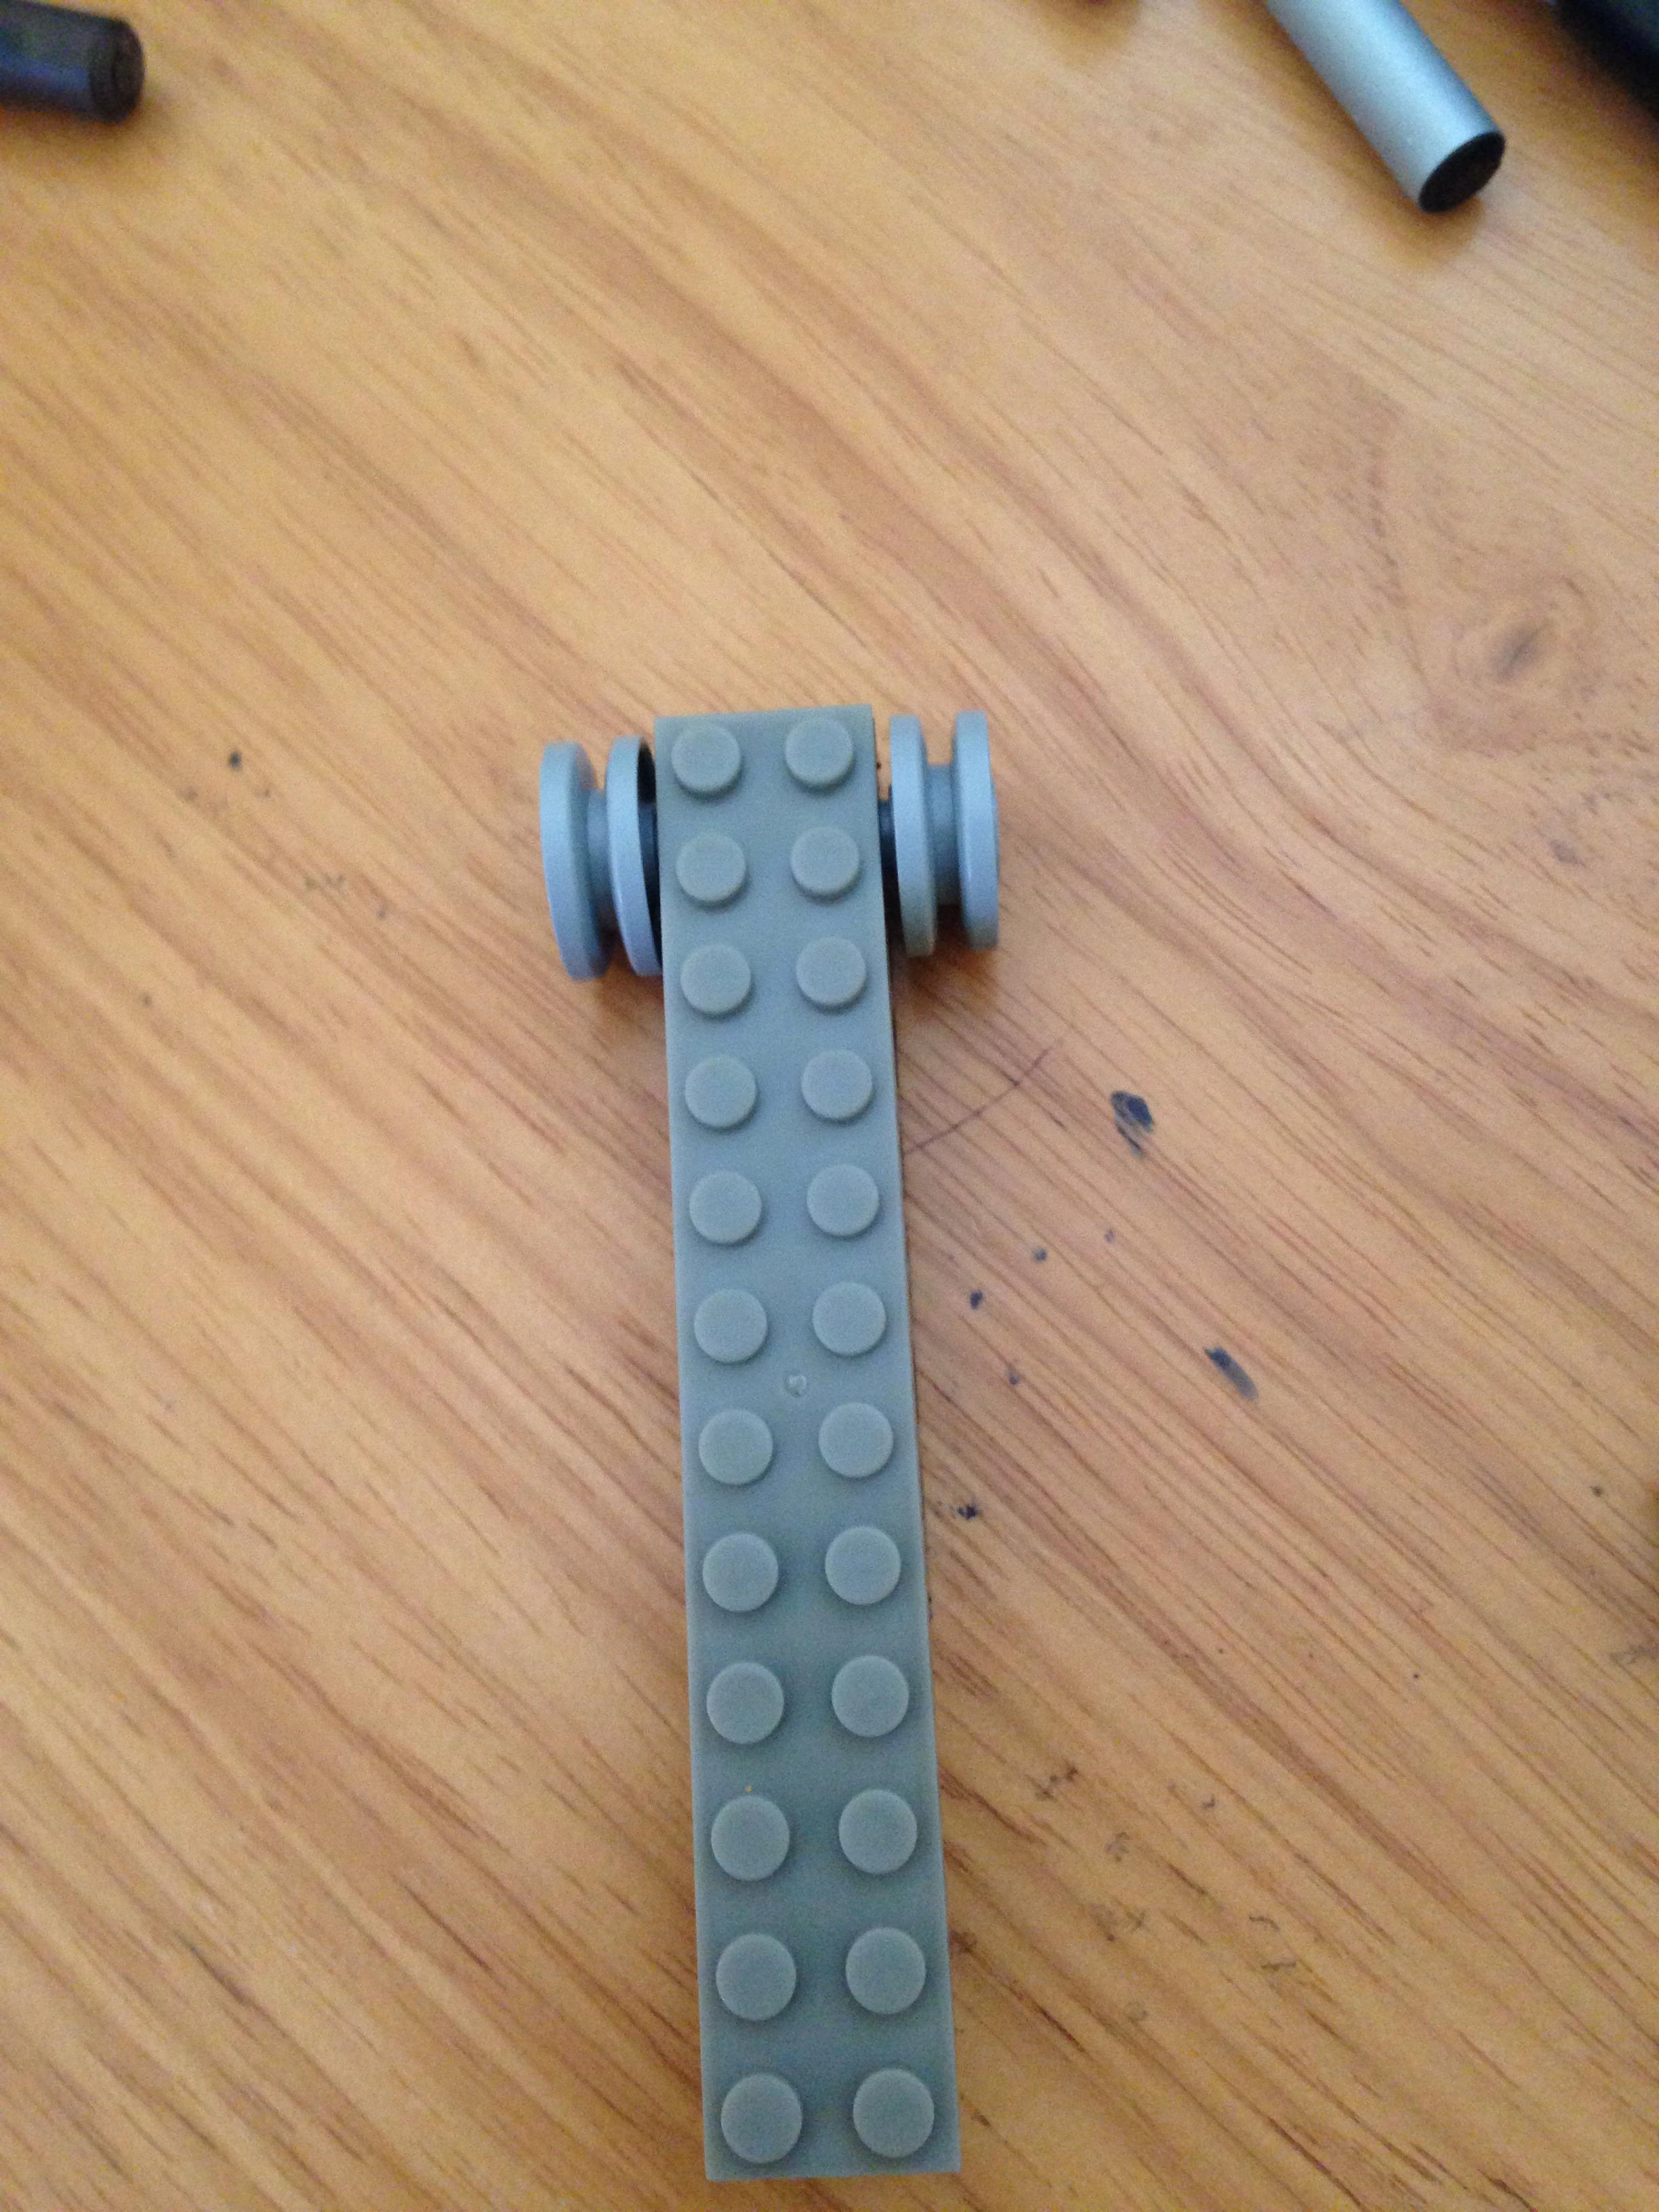 Lego Zip line!